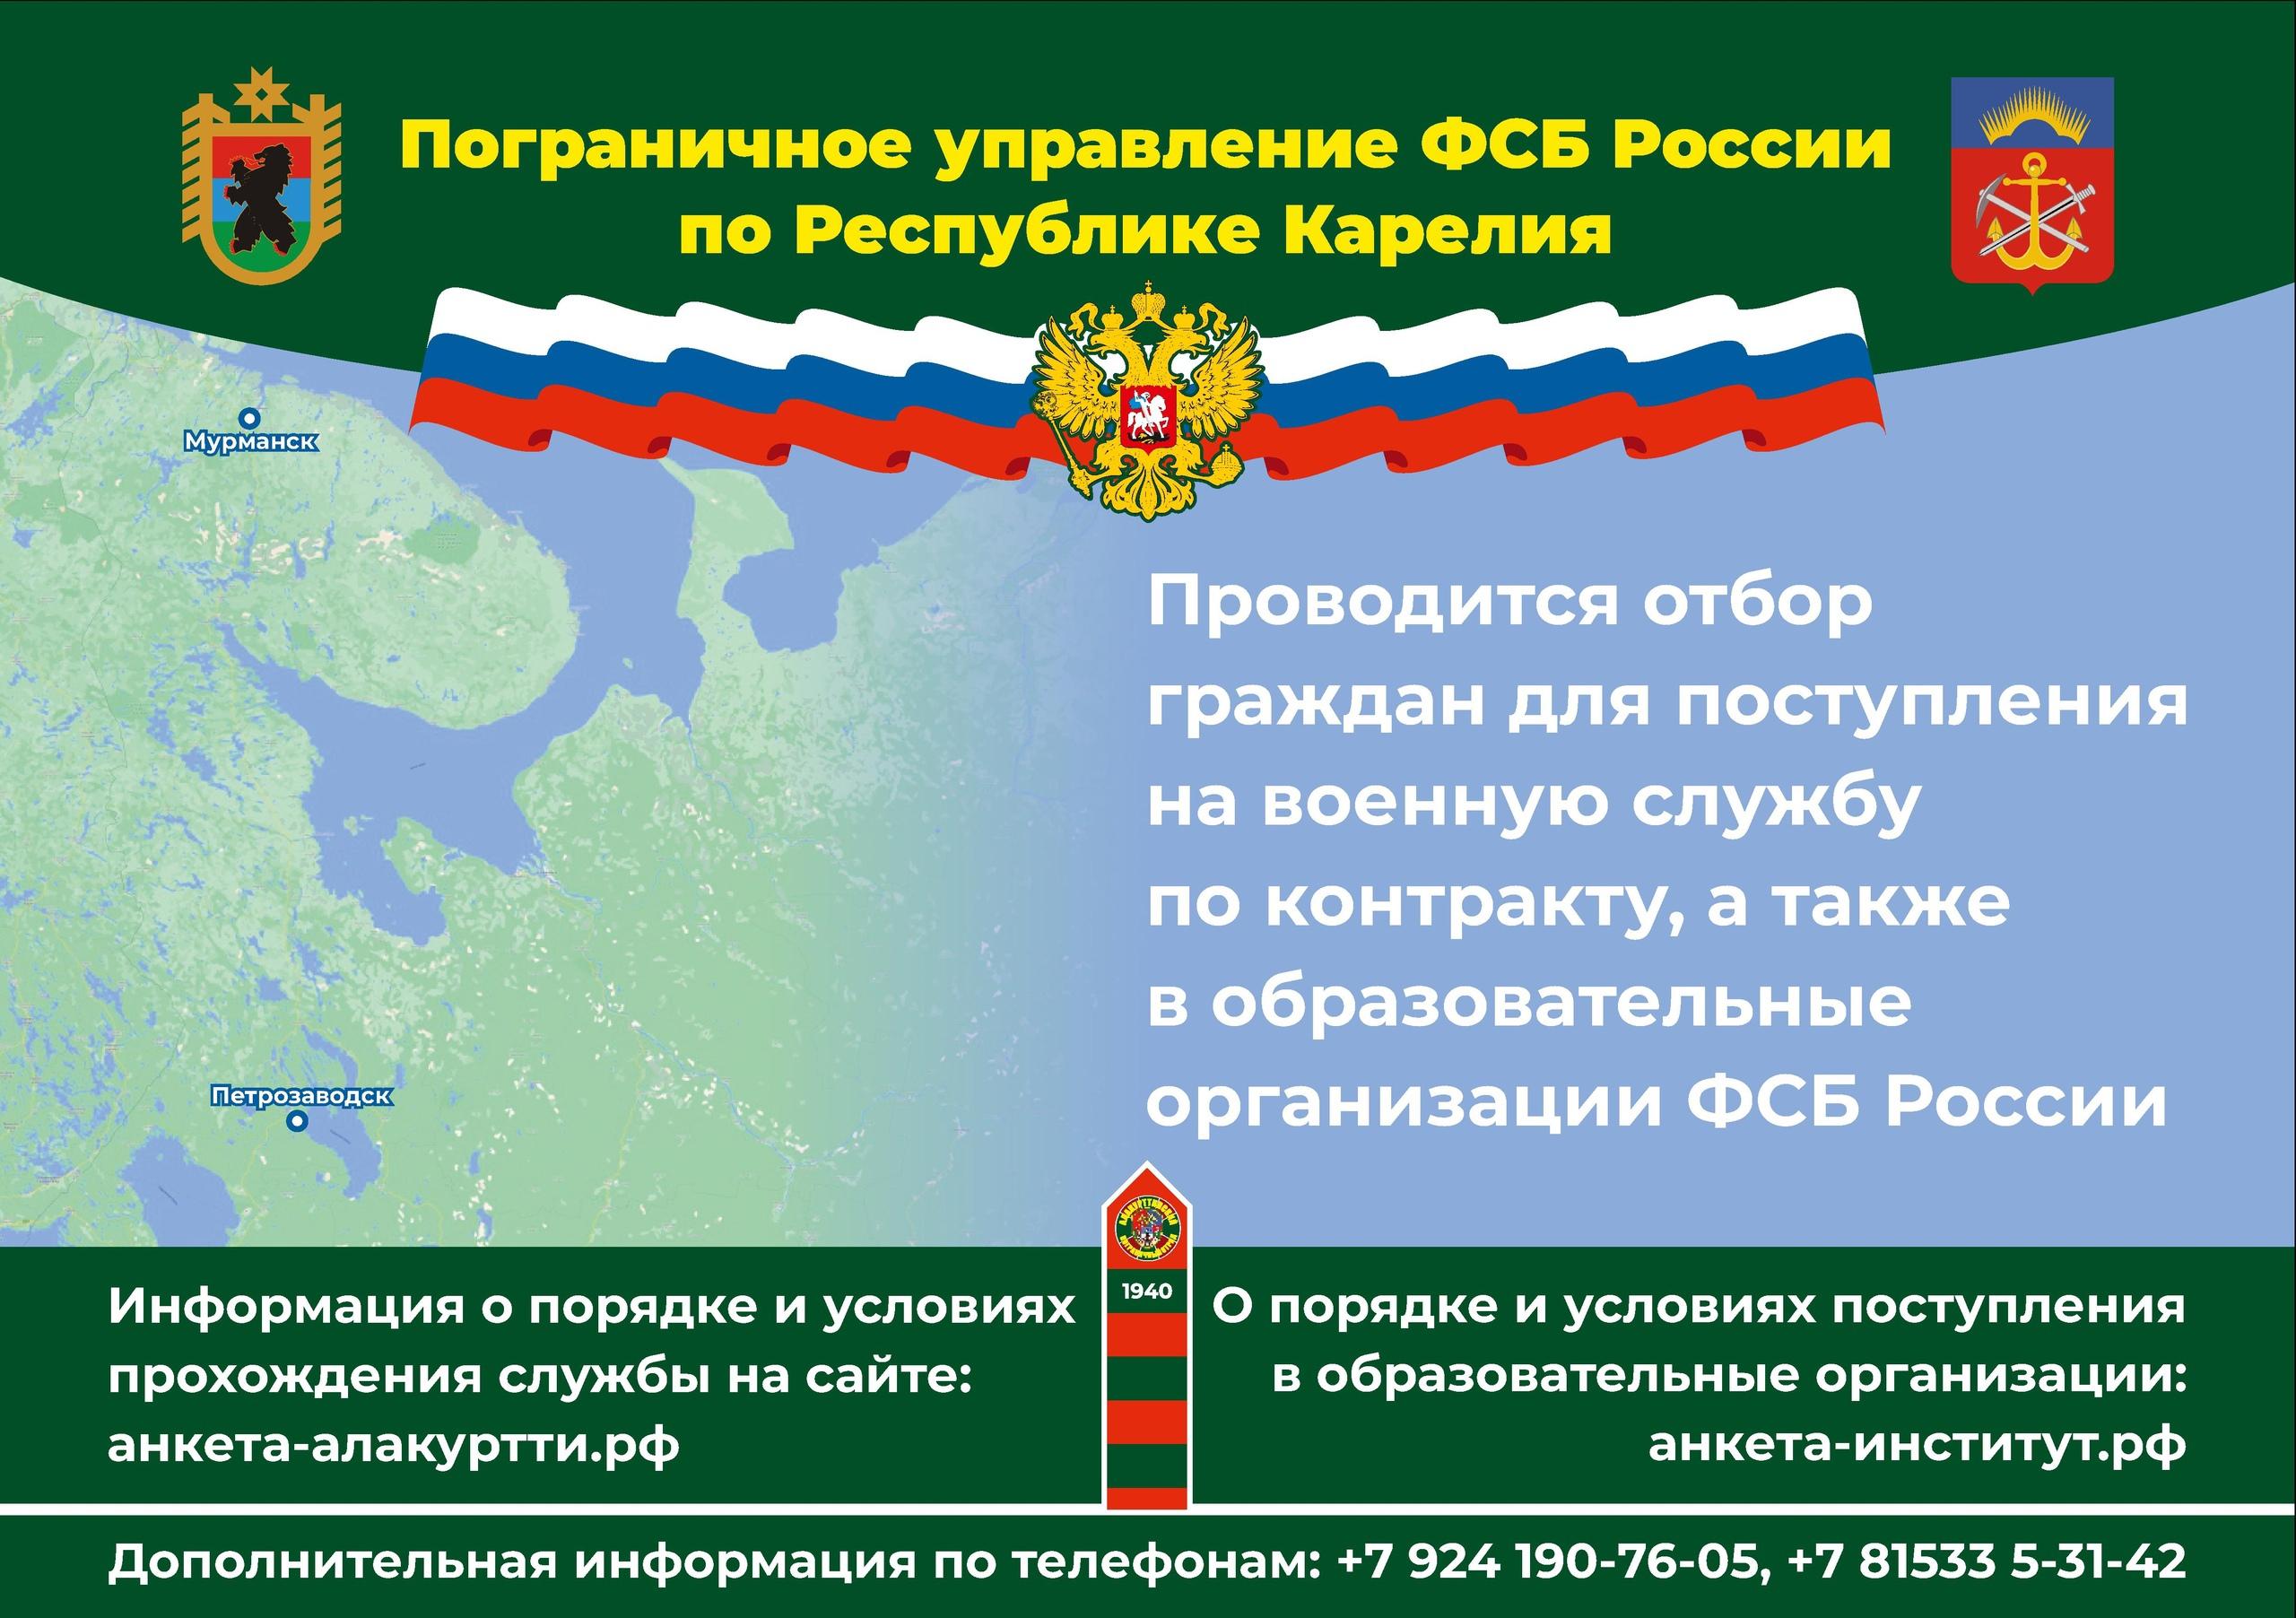 ФСБ России